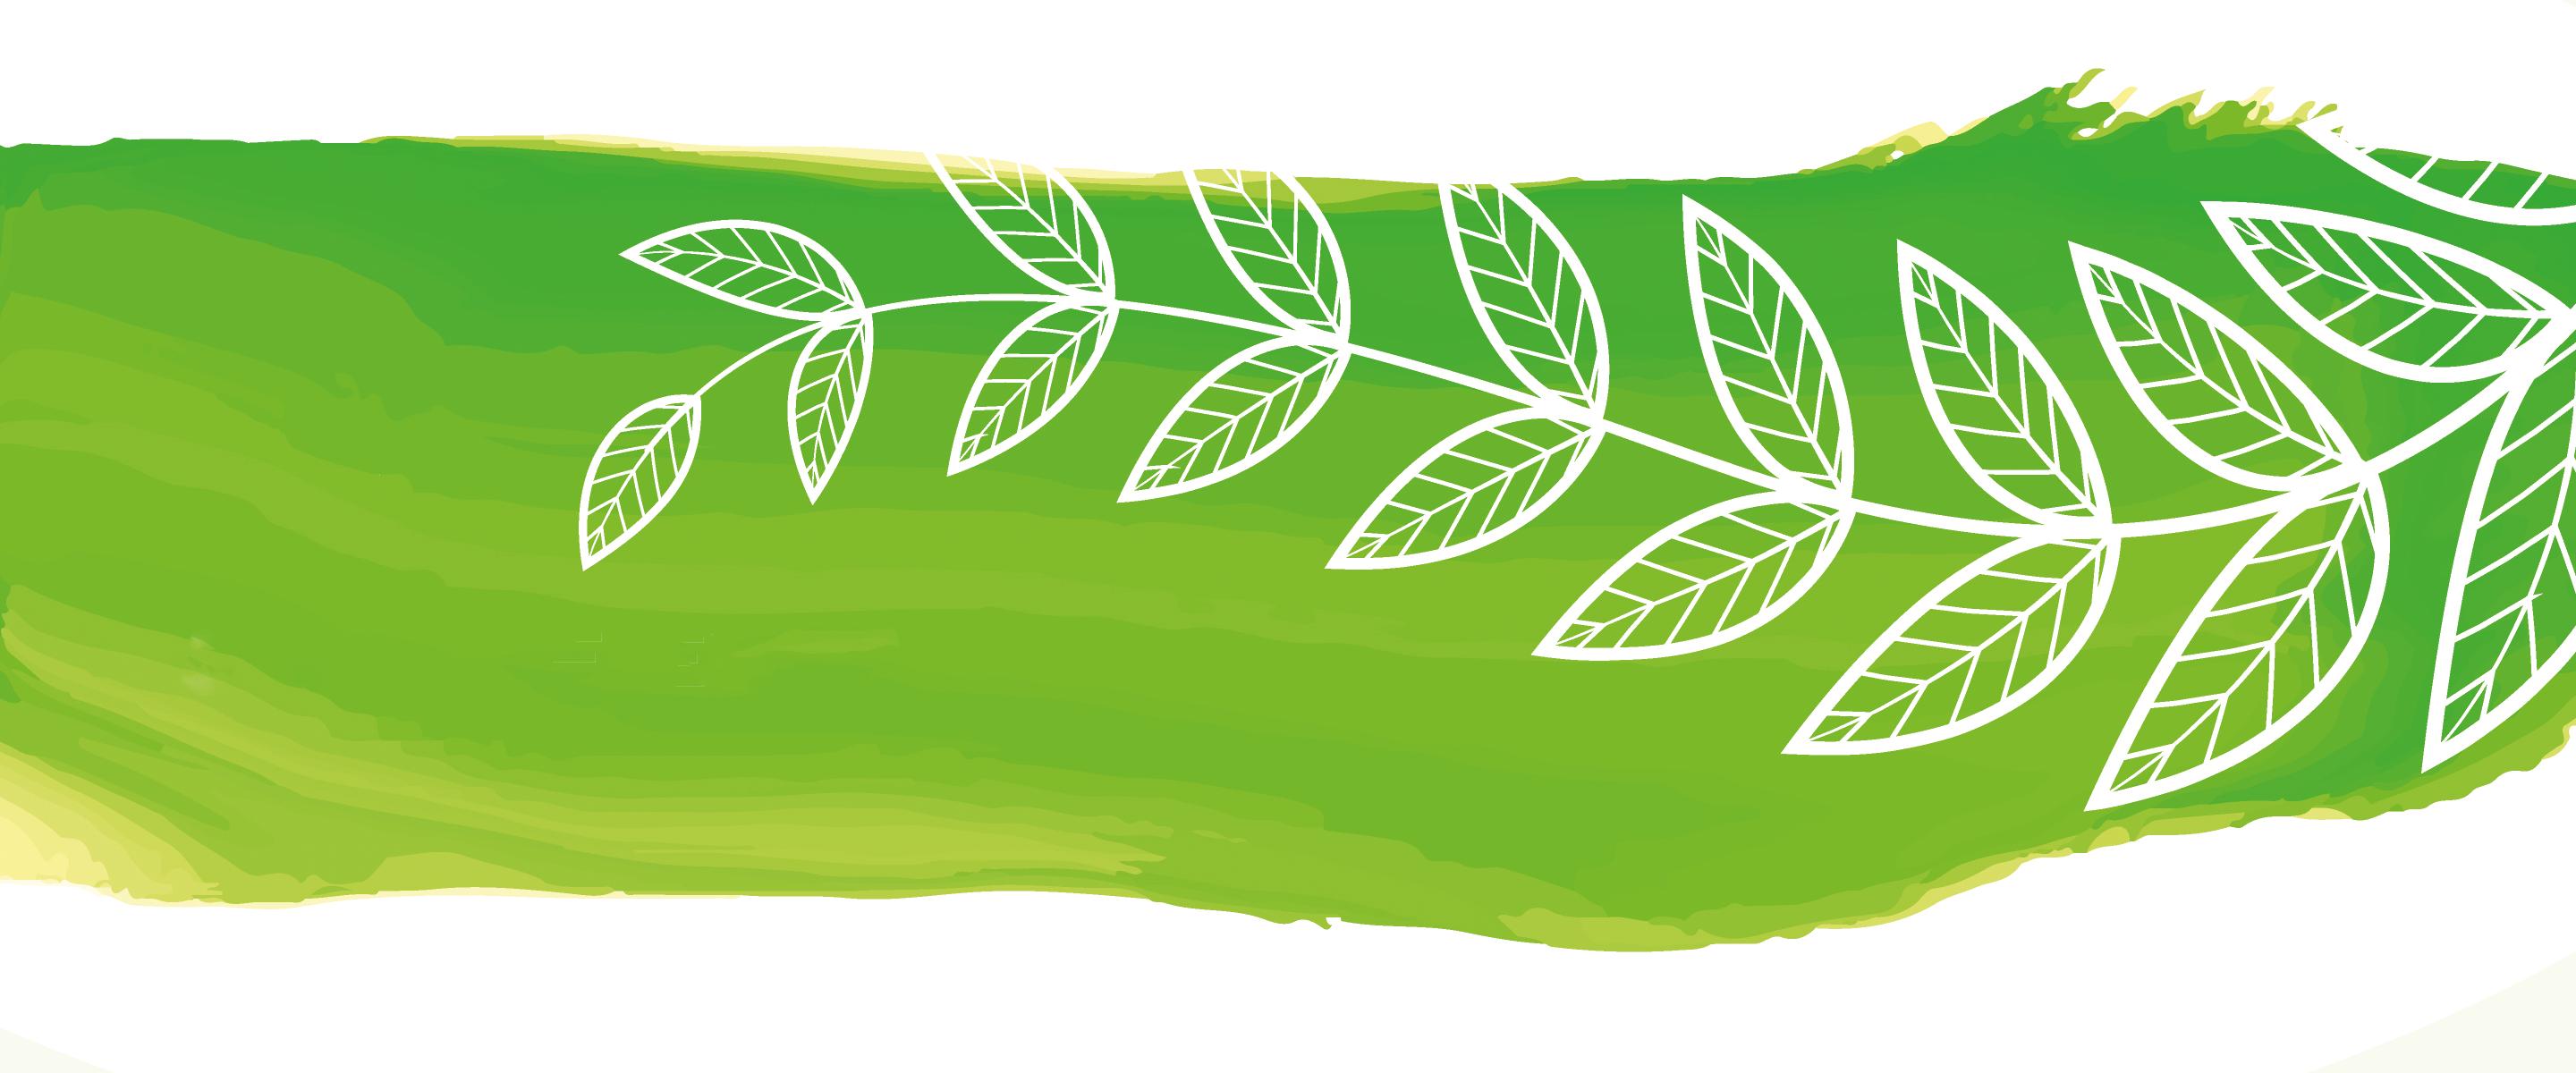 webshop banner